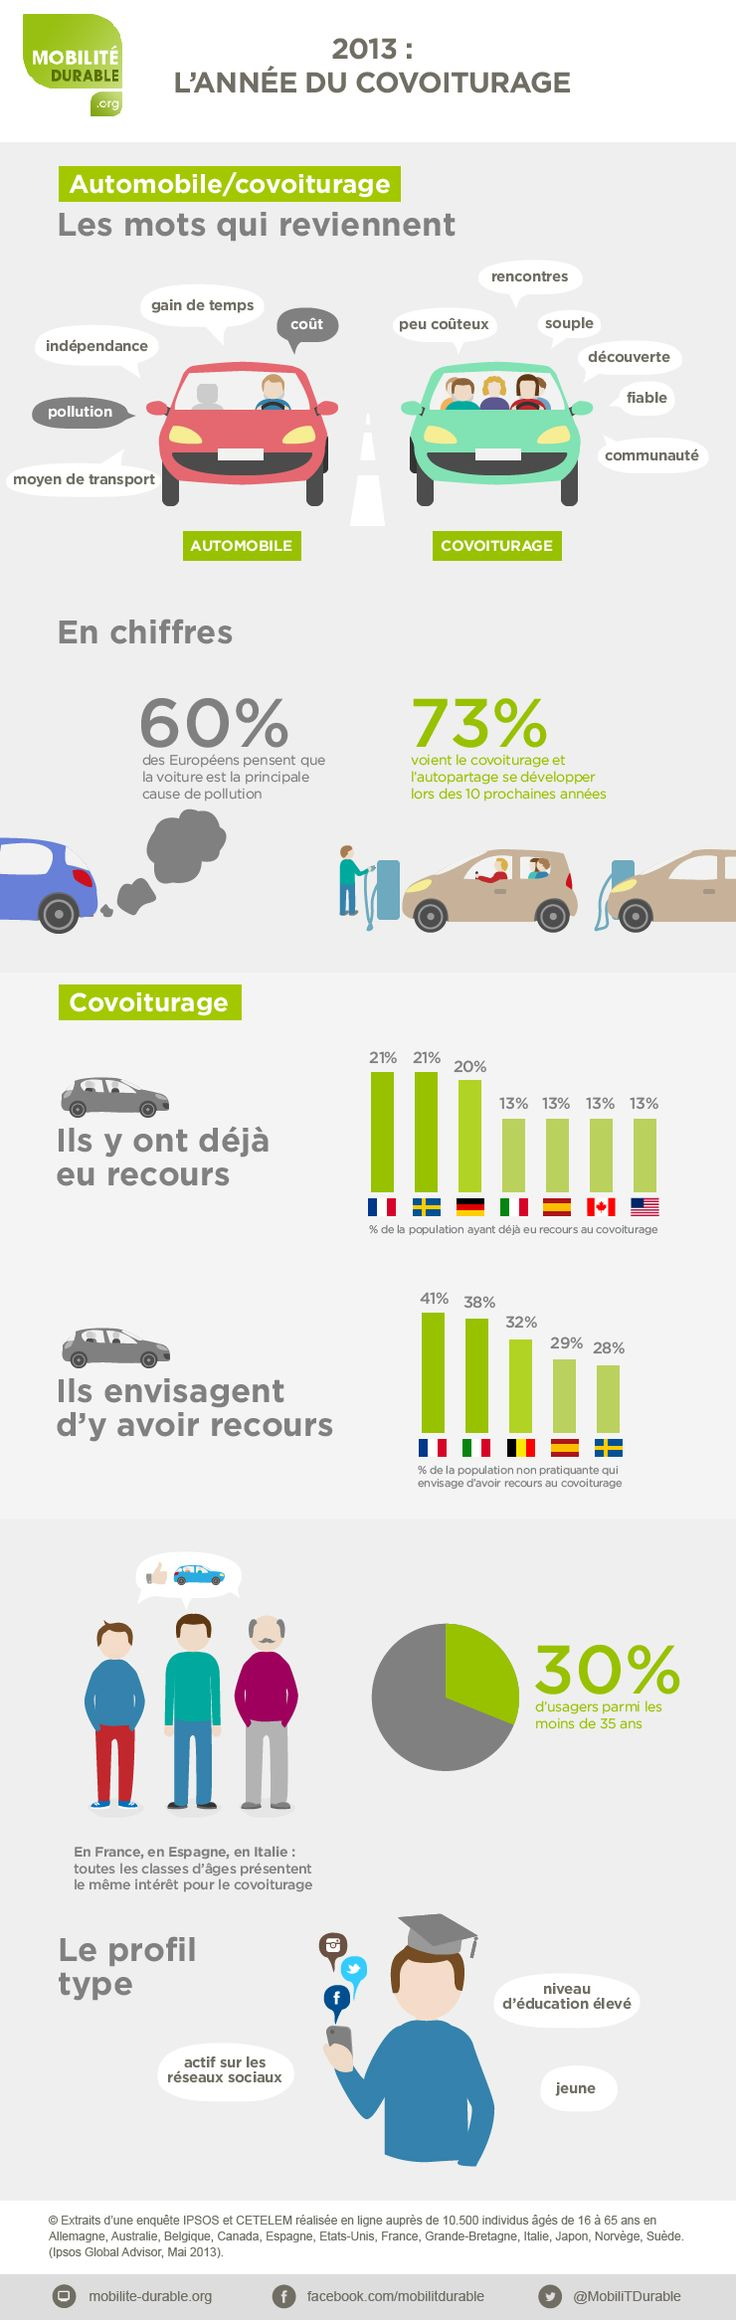 #Infographie : le #covoiturage à travers le monde